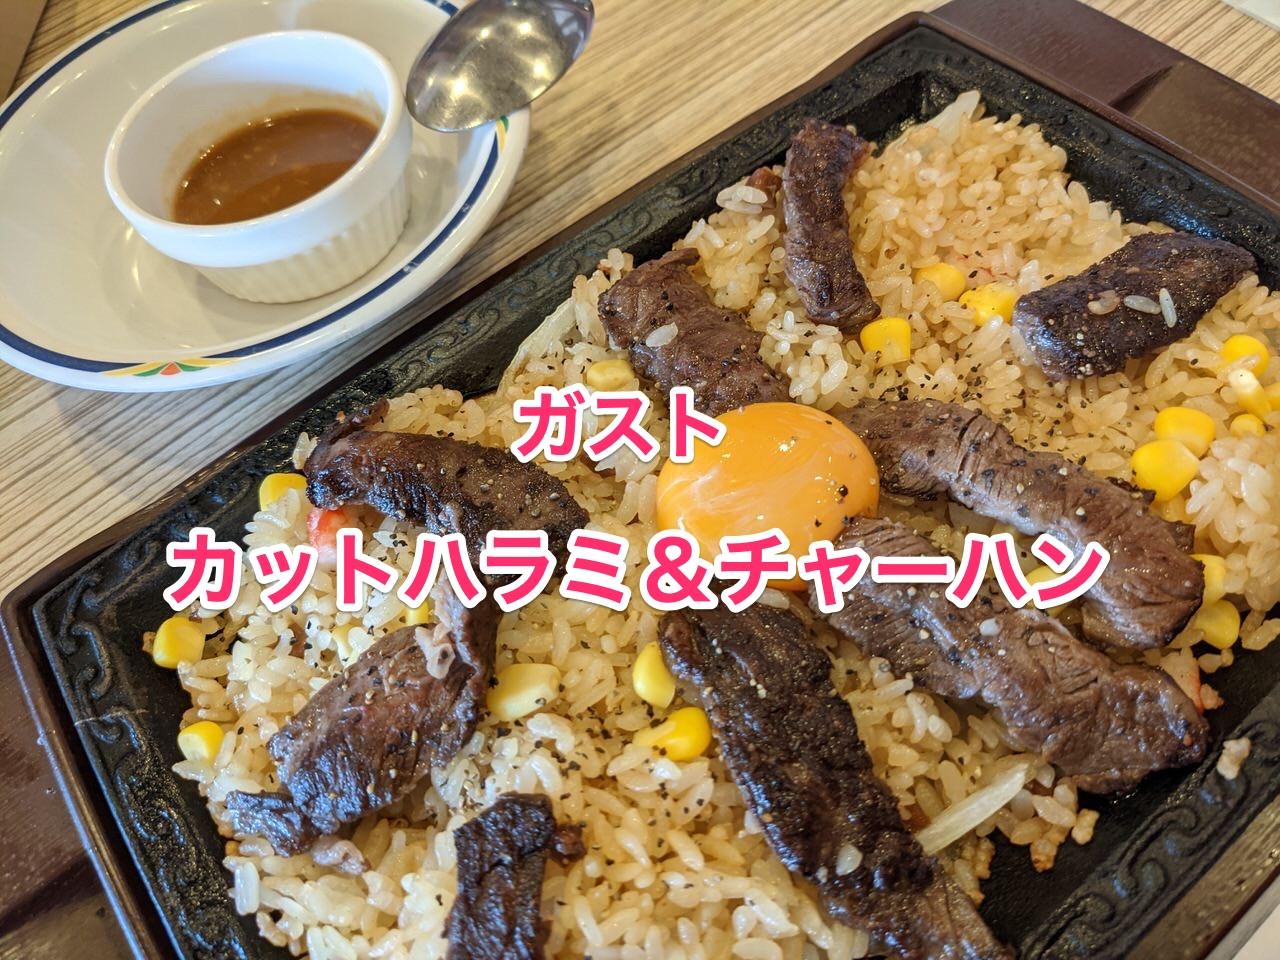 【ステーキガスト】「牛ハラミペッパーカットステーキ鉄板焼きチャーハン」食べてみた!柔らかいハラミとチャーハンがベストマッチ!